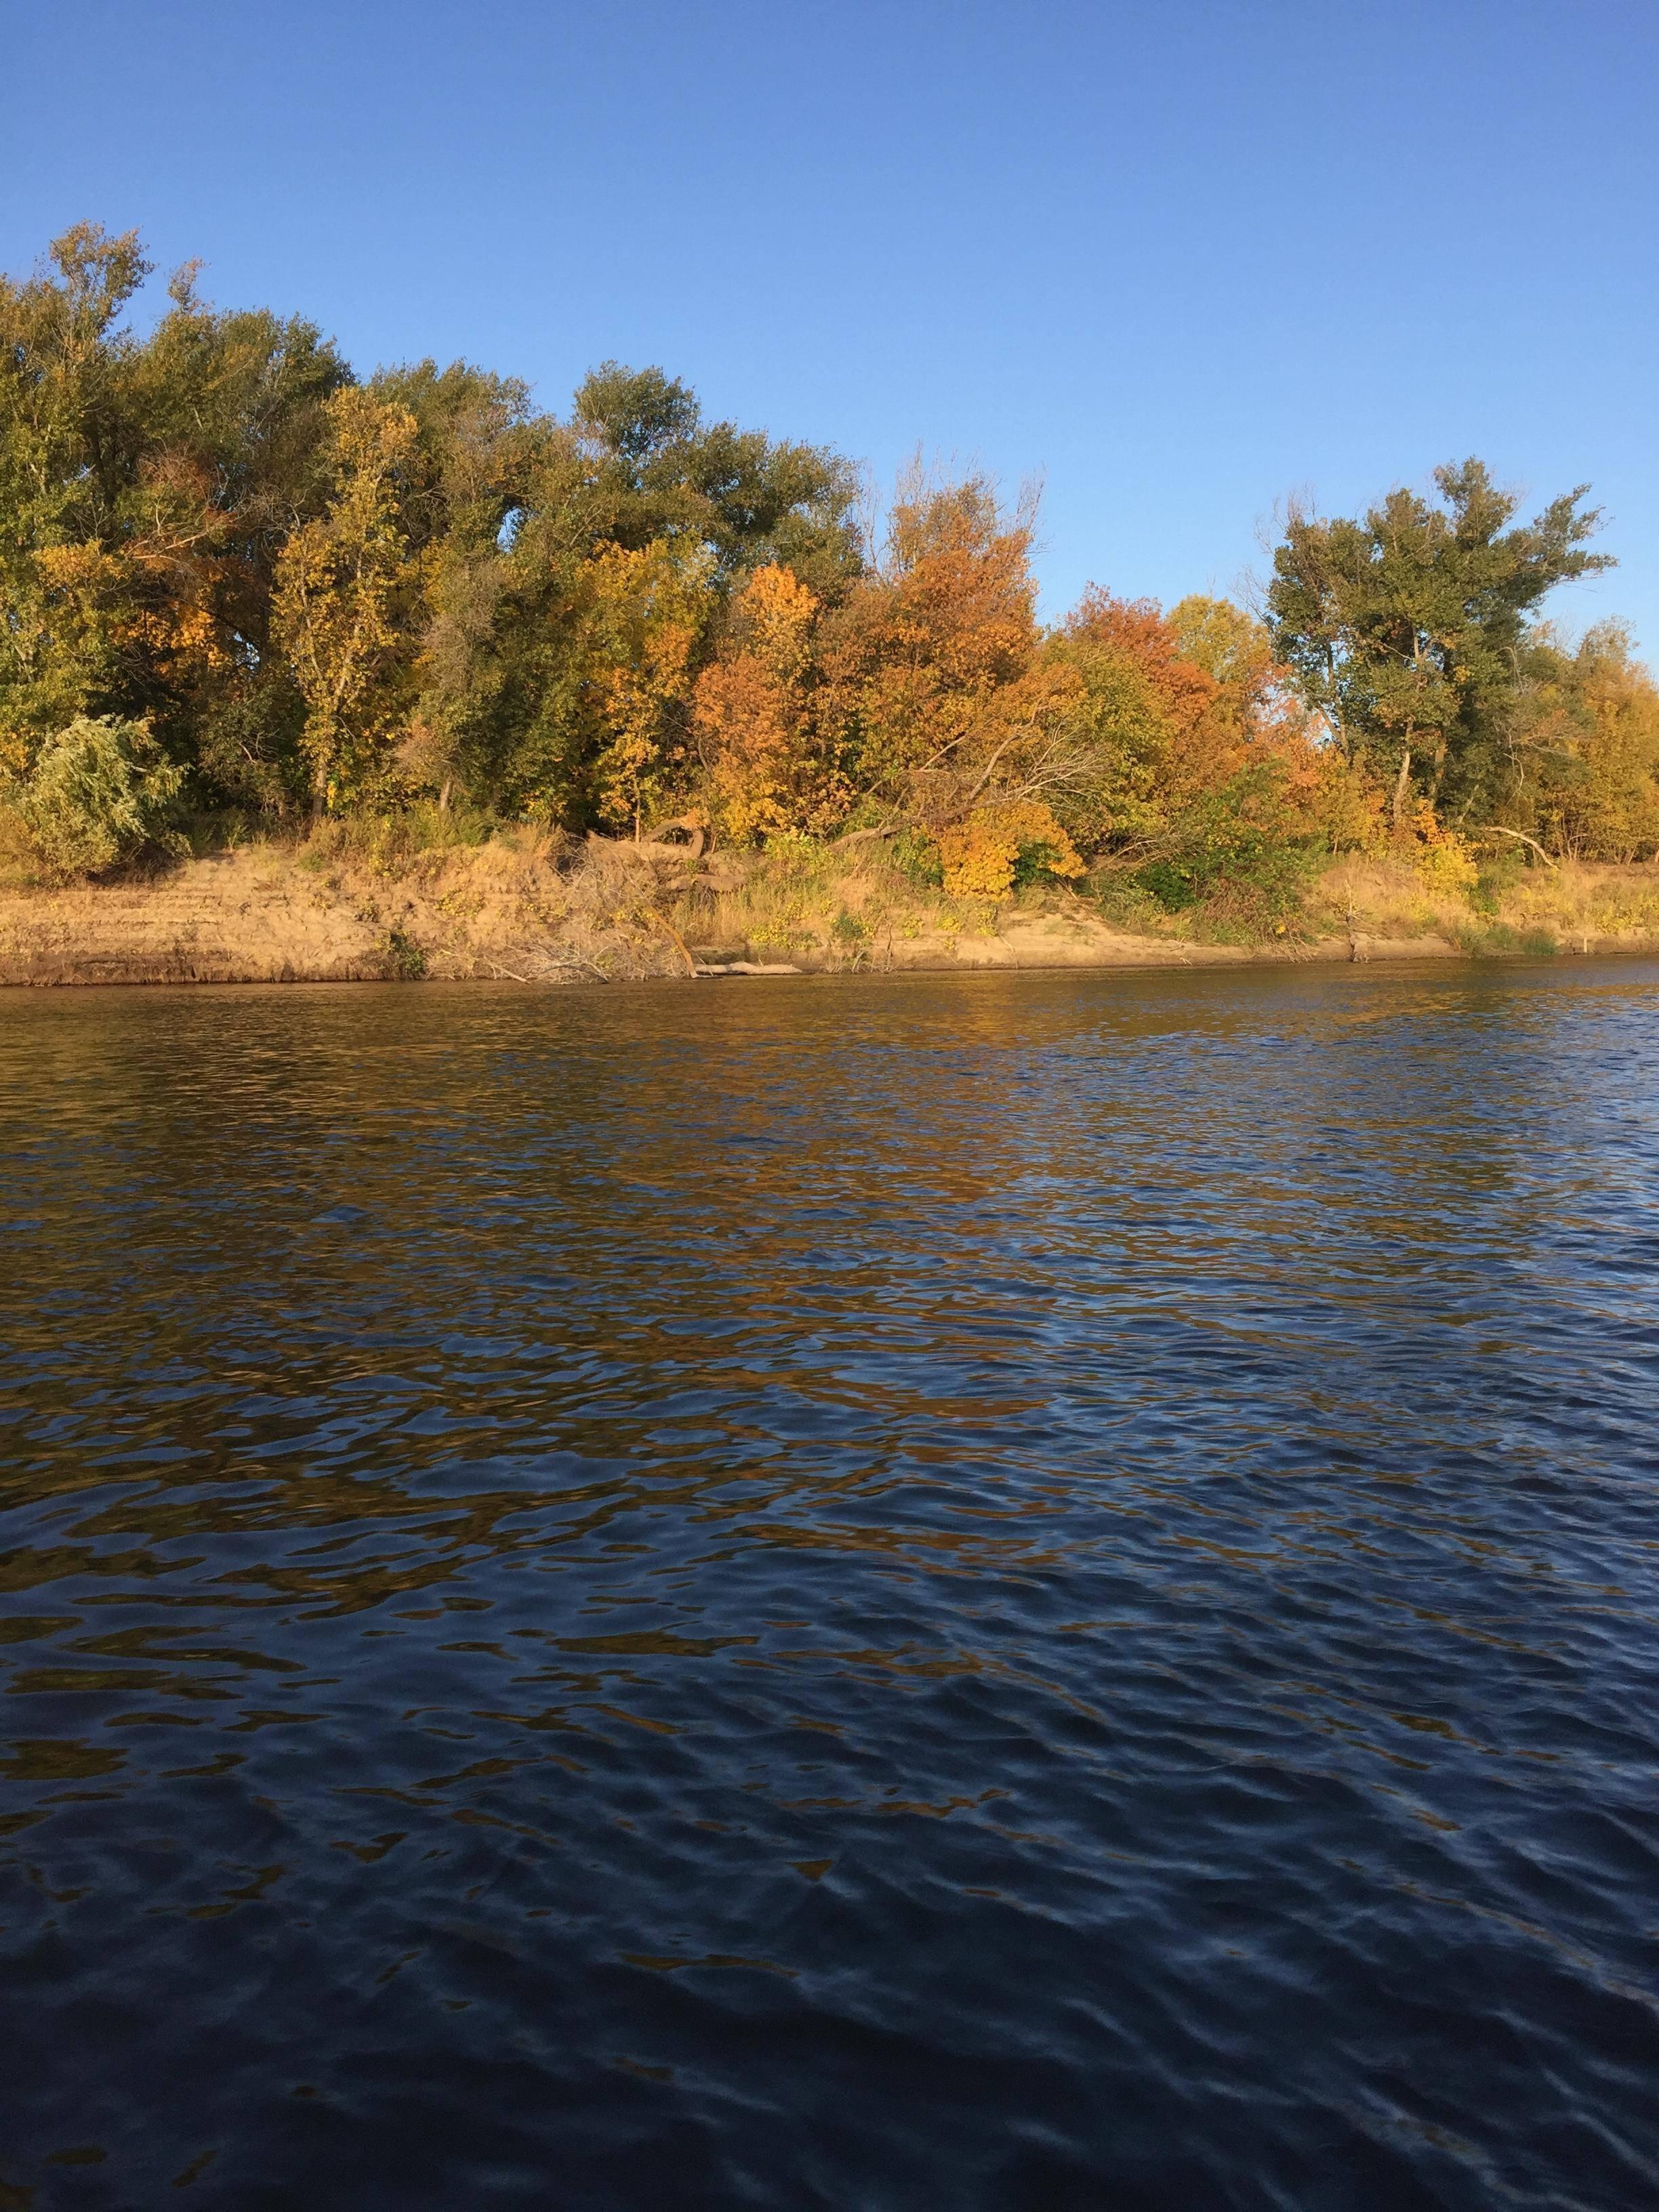 Рыбалка на иртыше: особенности ловли рыбы на реке, эффективная тактика